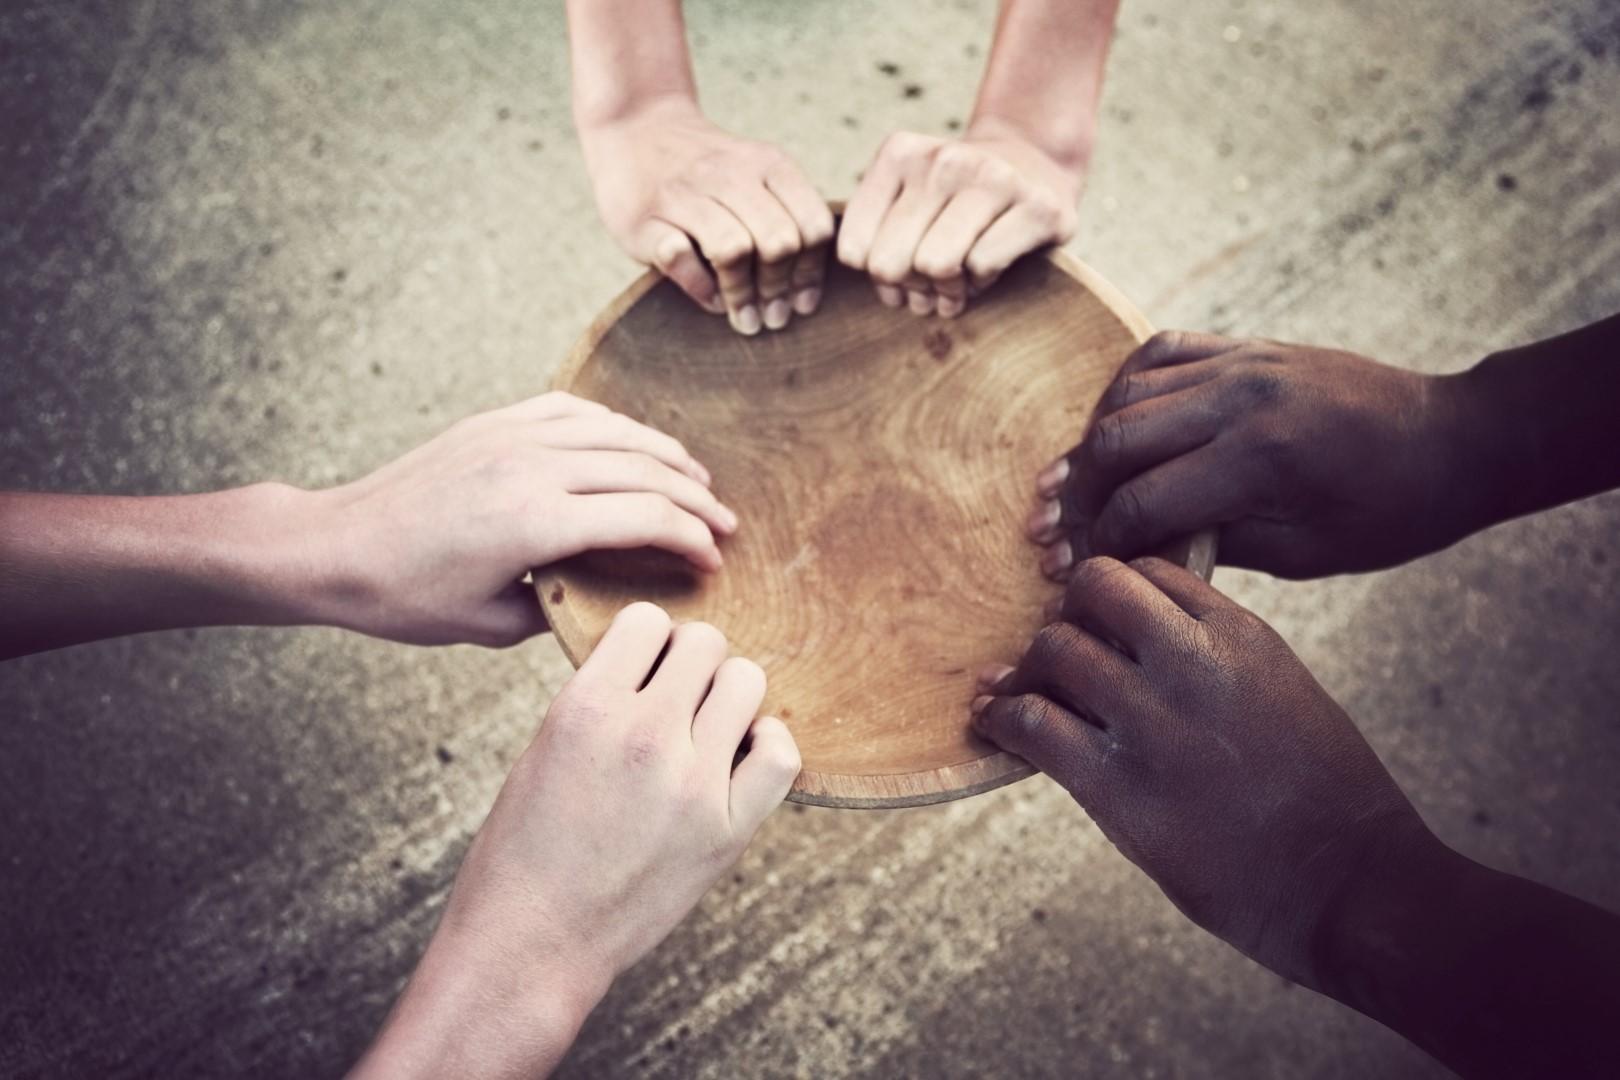 AdoMiS – Adoptuj Misyjnych Seminarzystów